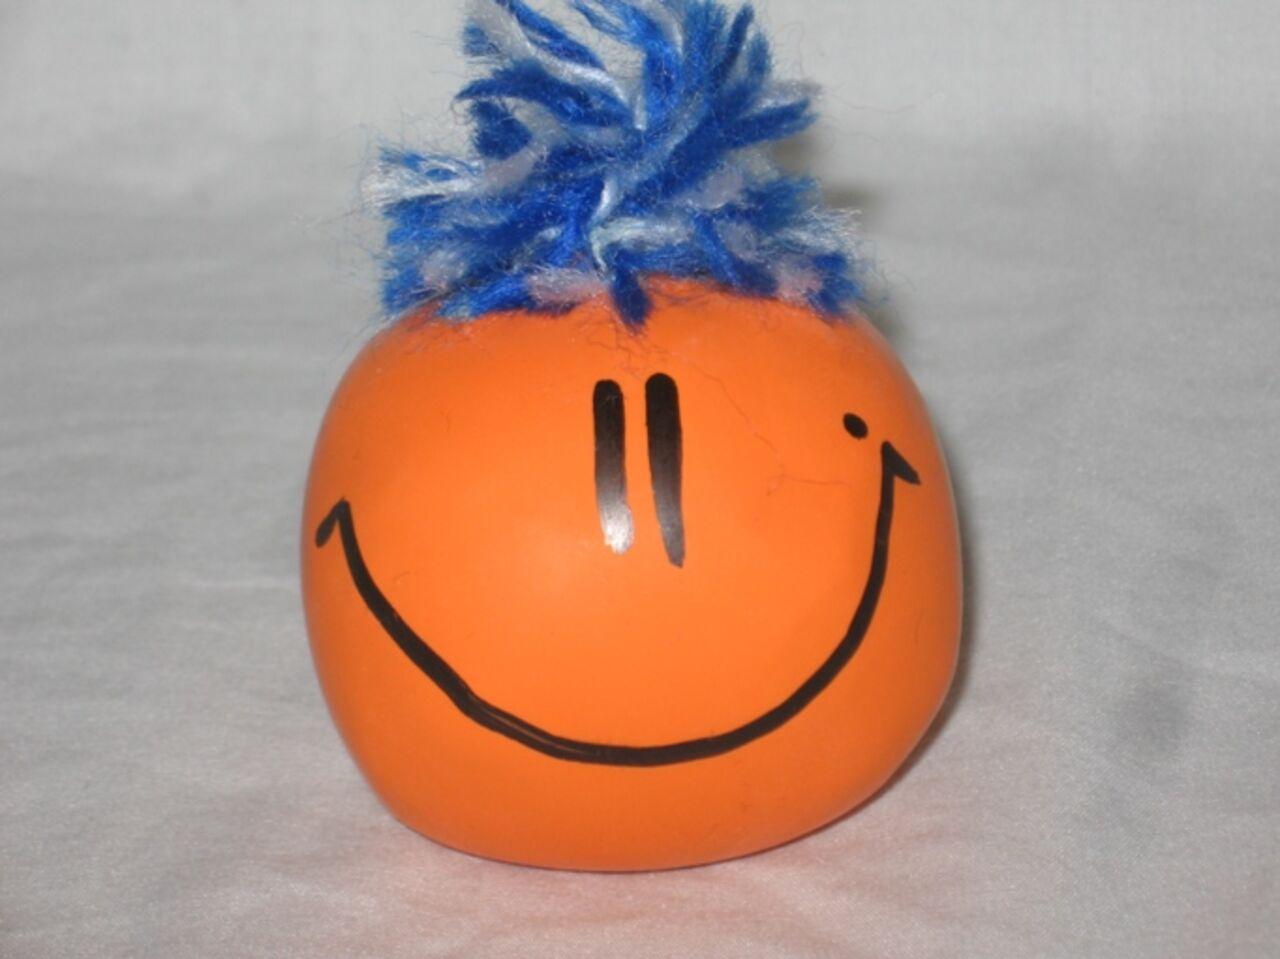 Как сделать капитошку из шарика и муки своими руками в домашних условиях